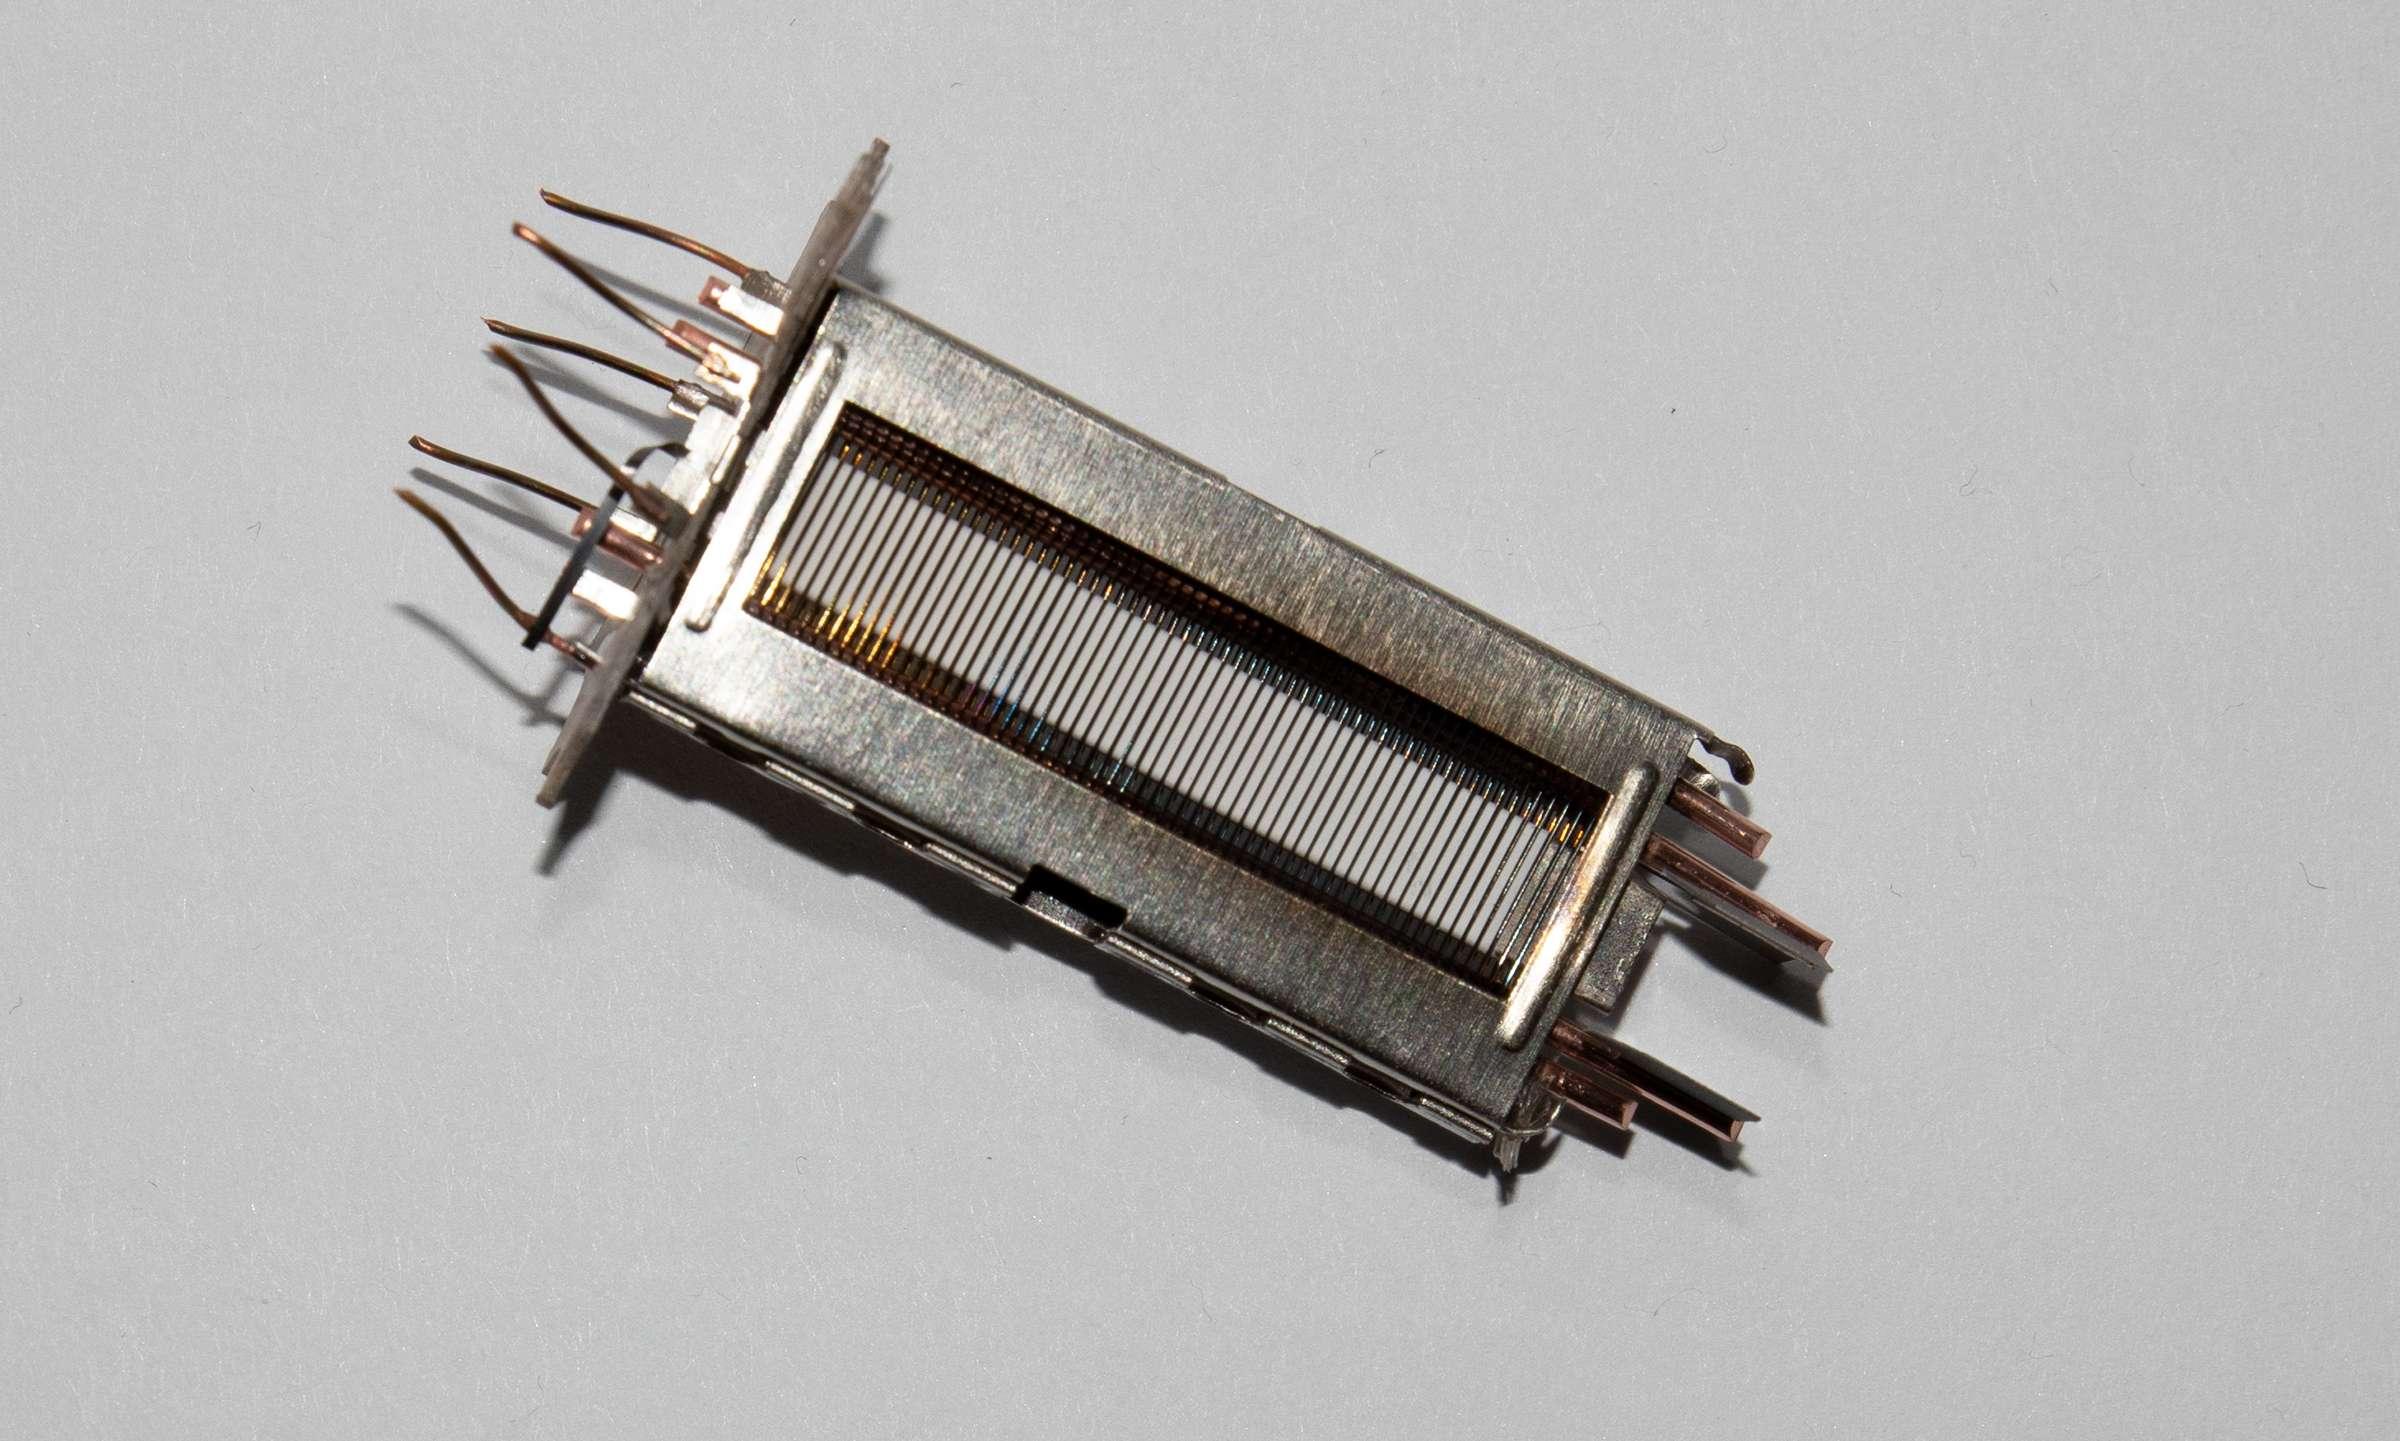 Внутреннее устройство радиолампы 6П44С